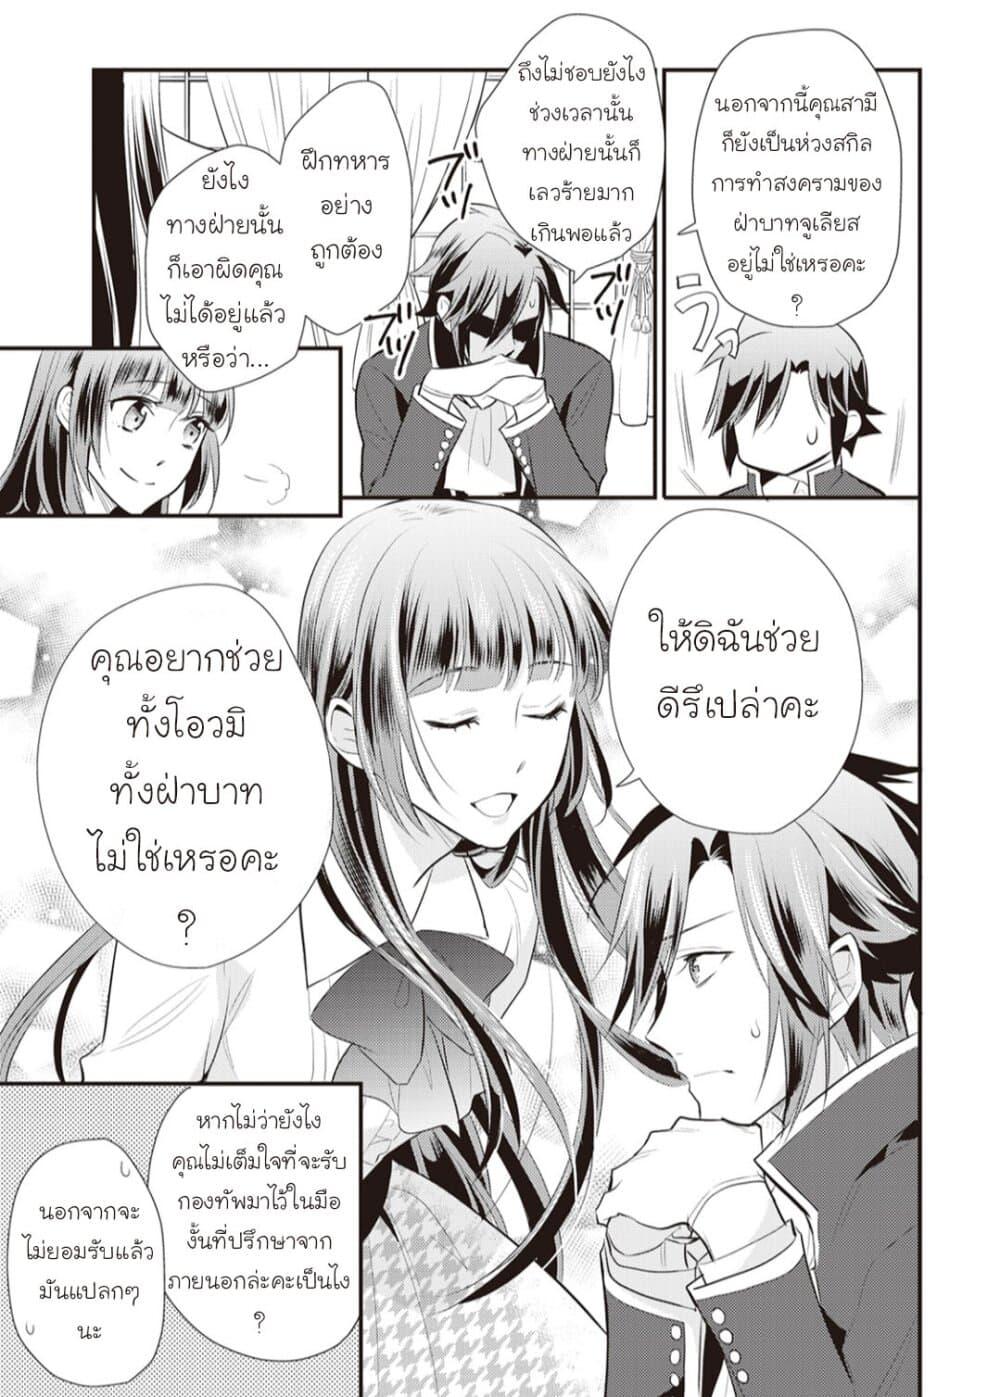 อ่านการ์ตูน Daites Ryou Koubouki ตอนที่ 23 หน้าที่ 19